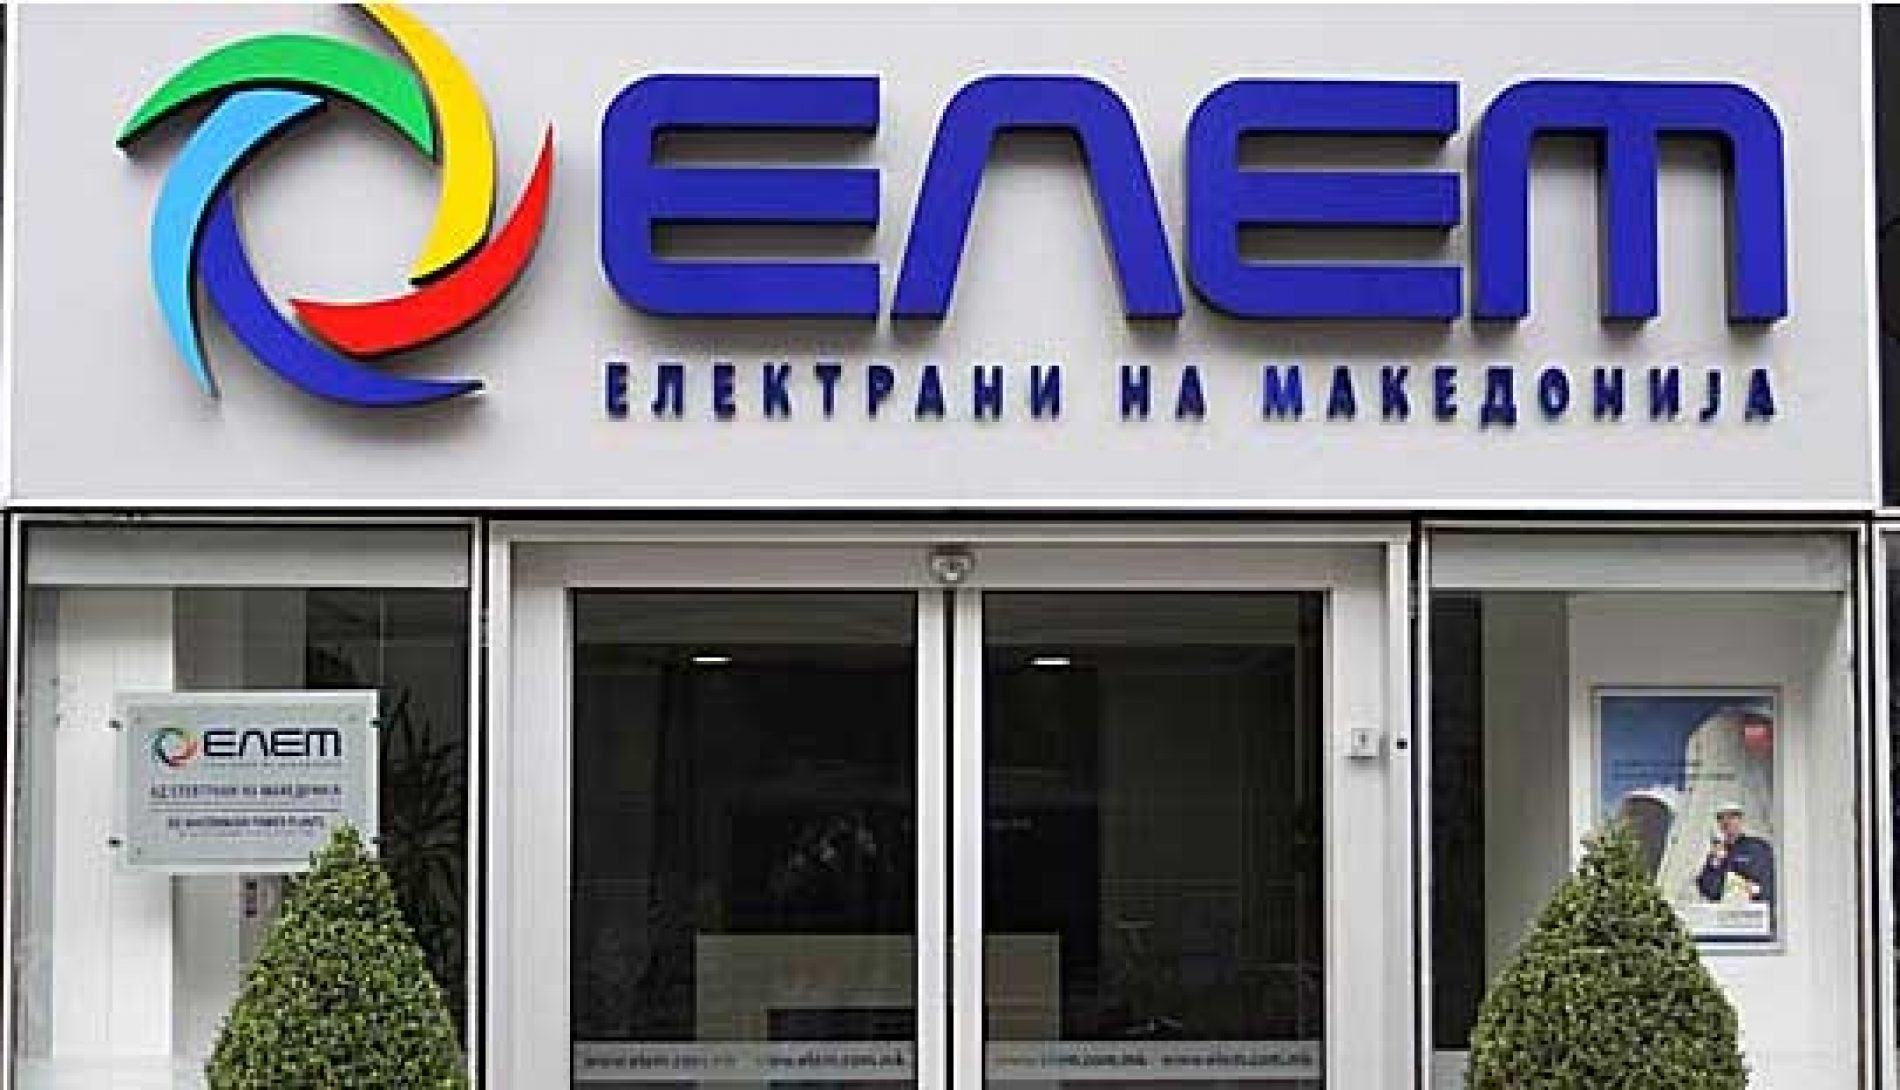 Padi penale kundër ELEM-it dhe drejtorëve në REK Manastir për ndotjen e mjedisit jetësor